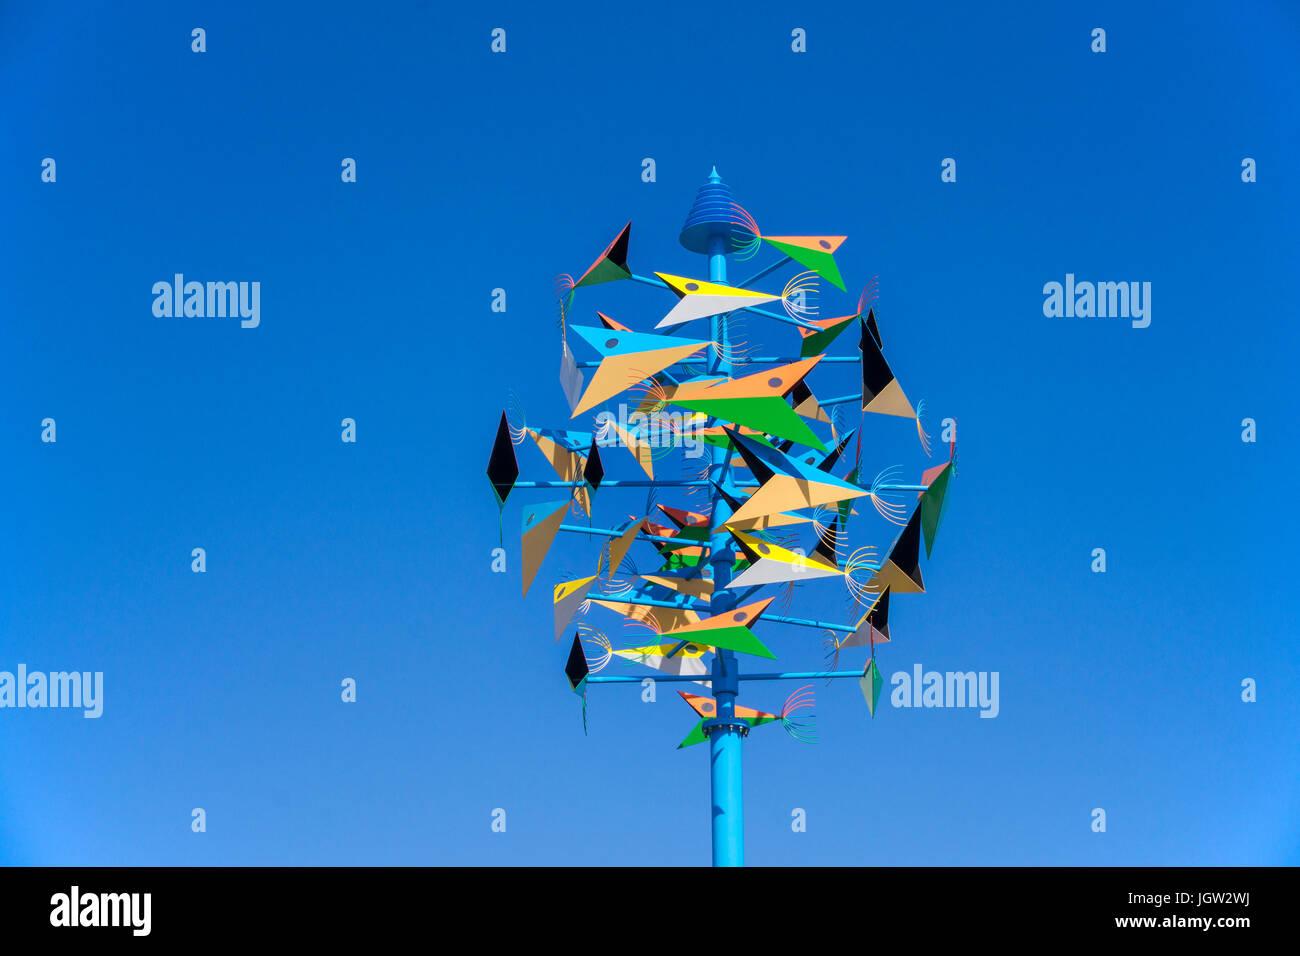 Colourful wind chime 'El Robalo' designed by Cesar Manrique, Playa Matagorda, Puerto del Carmen, Lanzarote - Stock Image